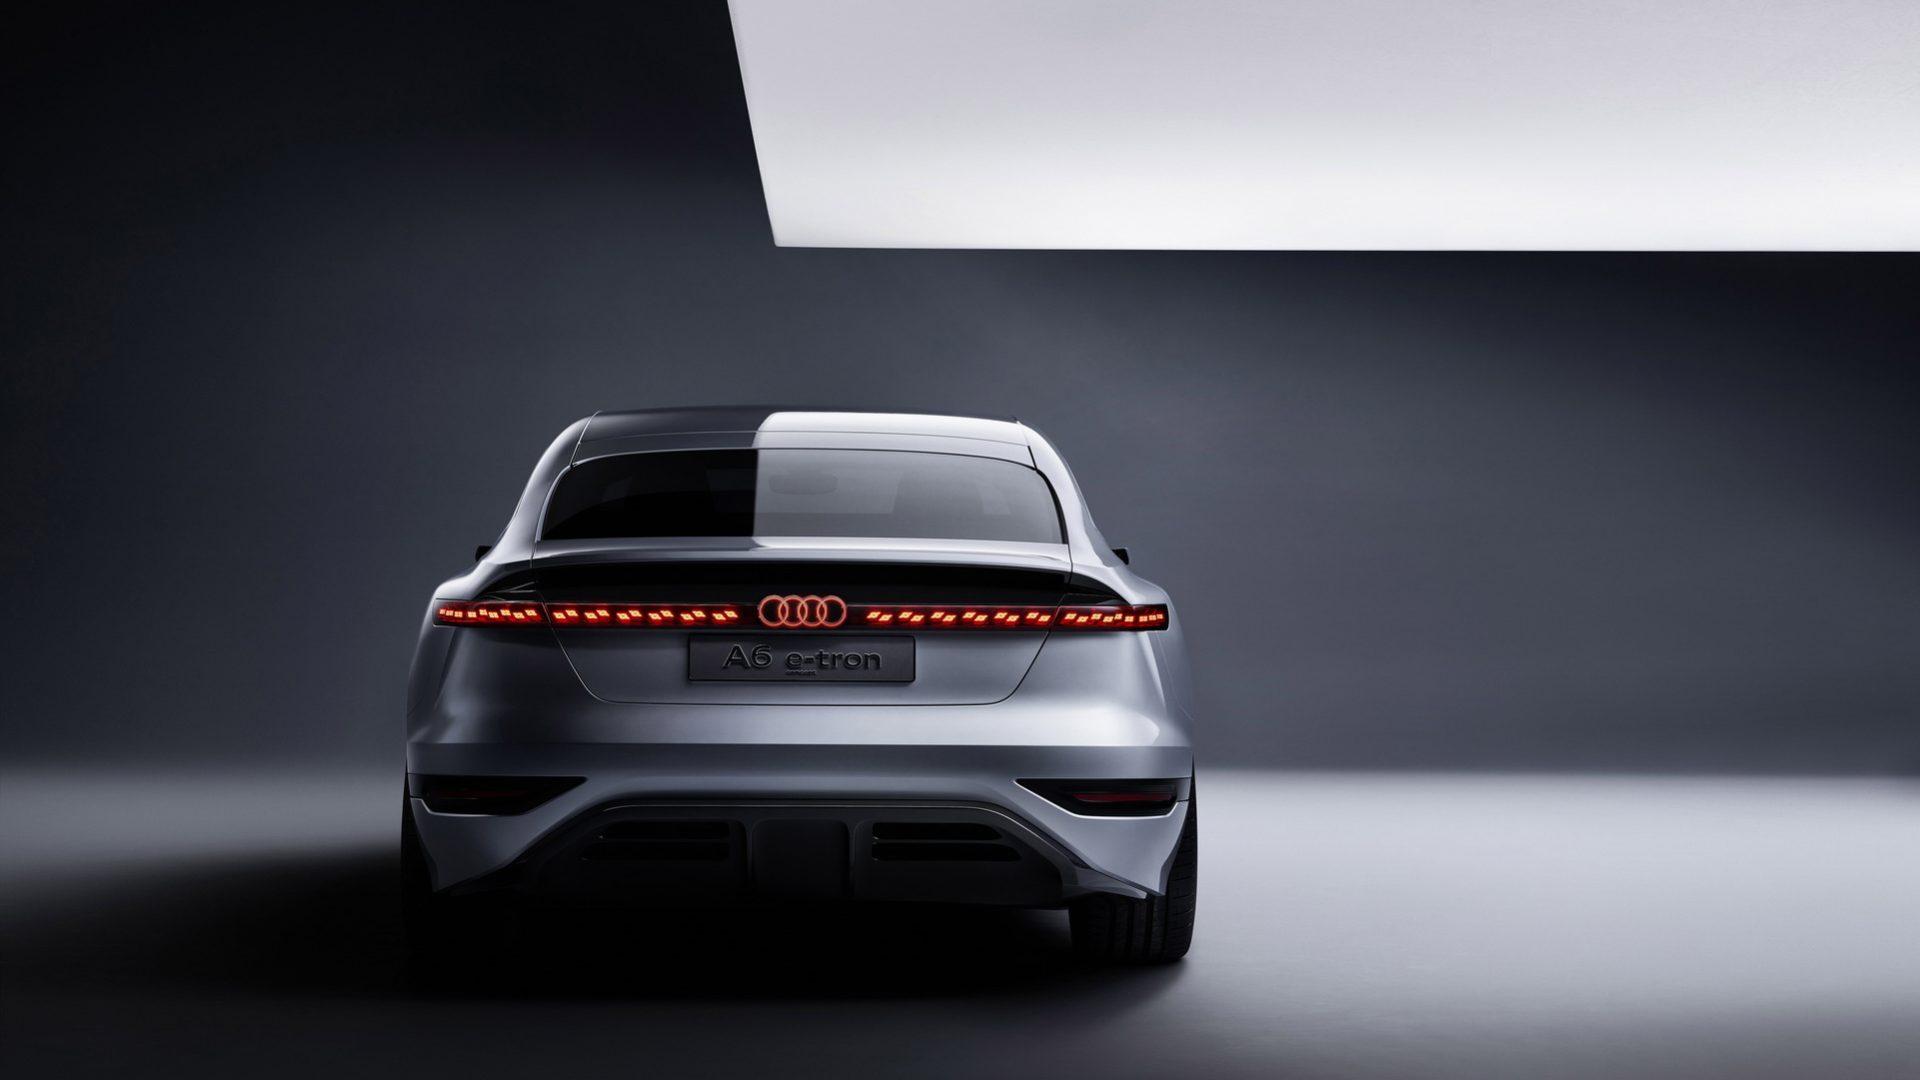 2021-Audi-A6-e-tron-Concept-05